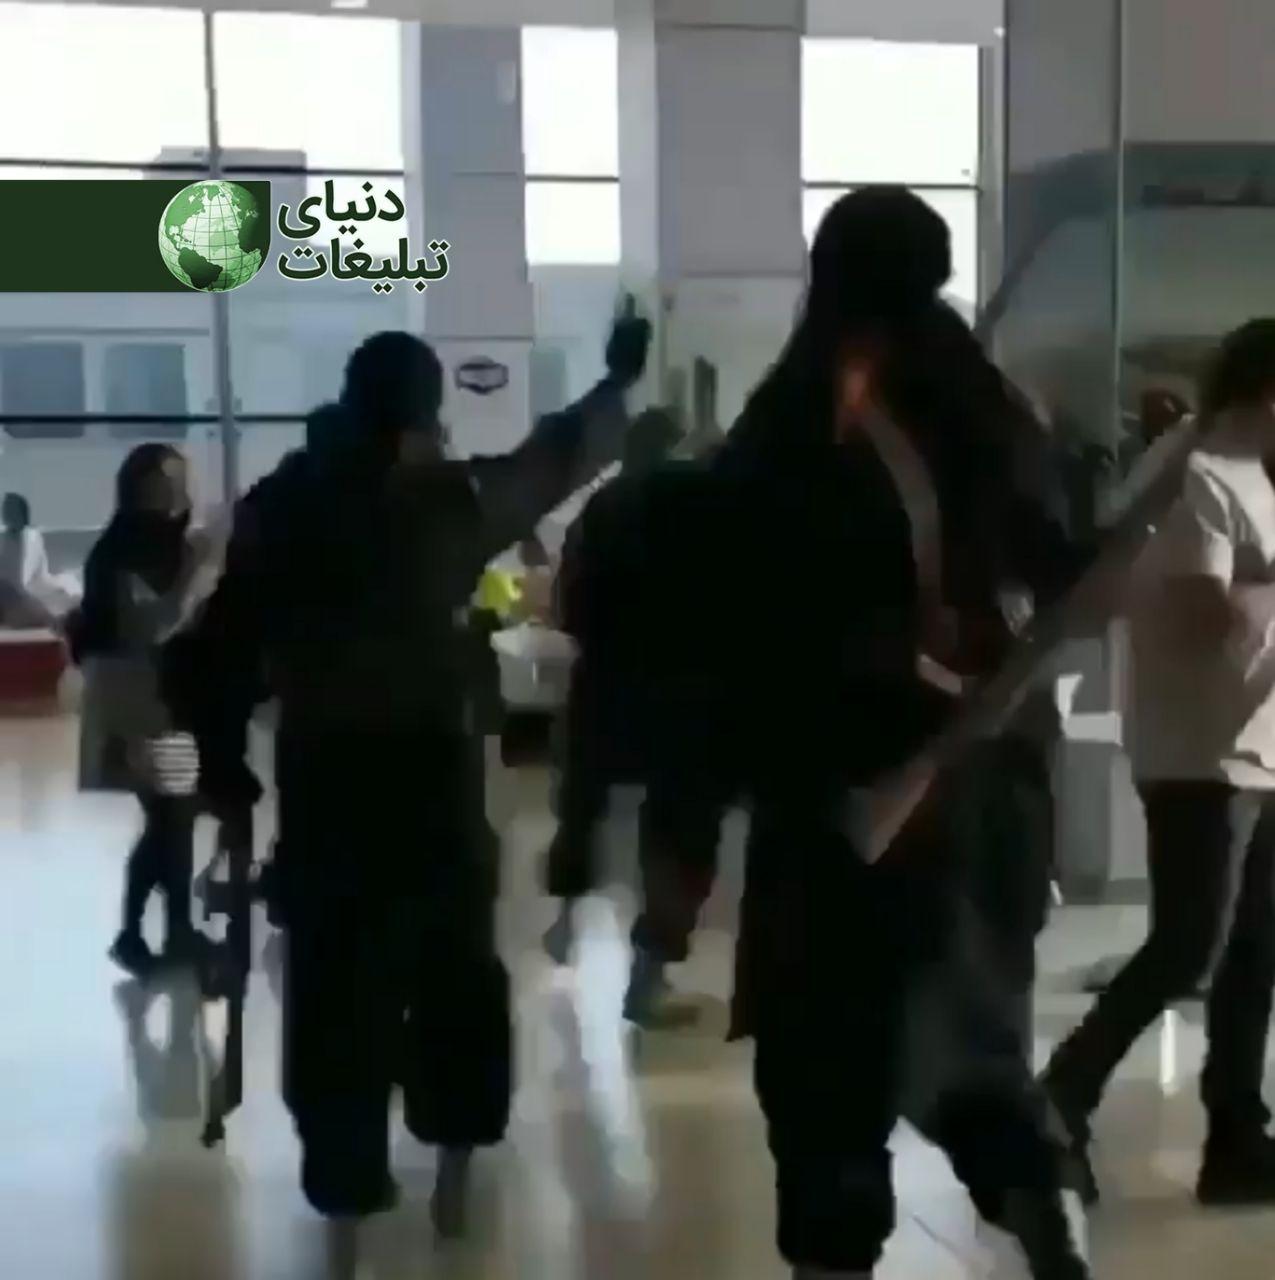 نفهمی تبلیغاتی / نقد امیرحسین نوریان بر حضور بازیگران داعش در بازار کوروش + لینک ویدیو